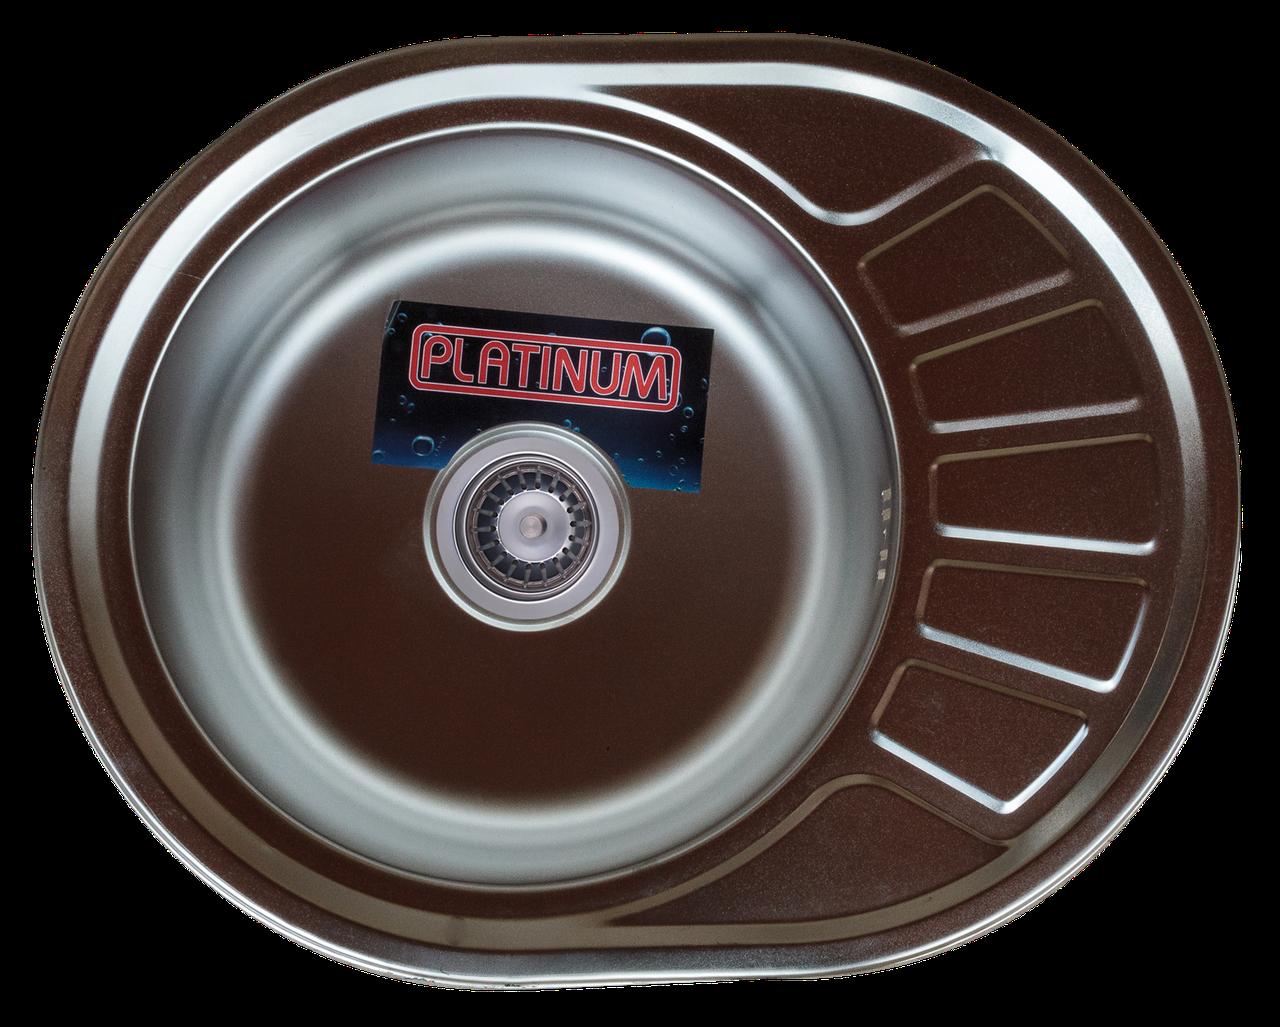 Нержавеющая мойка Platinum 5745 Polish 0,6мм